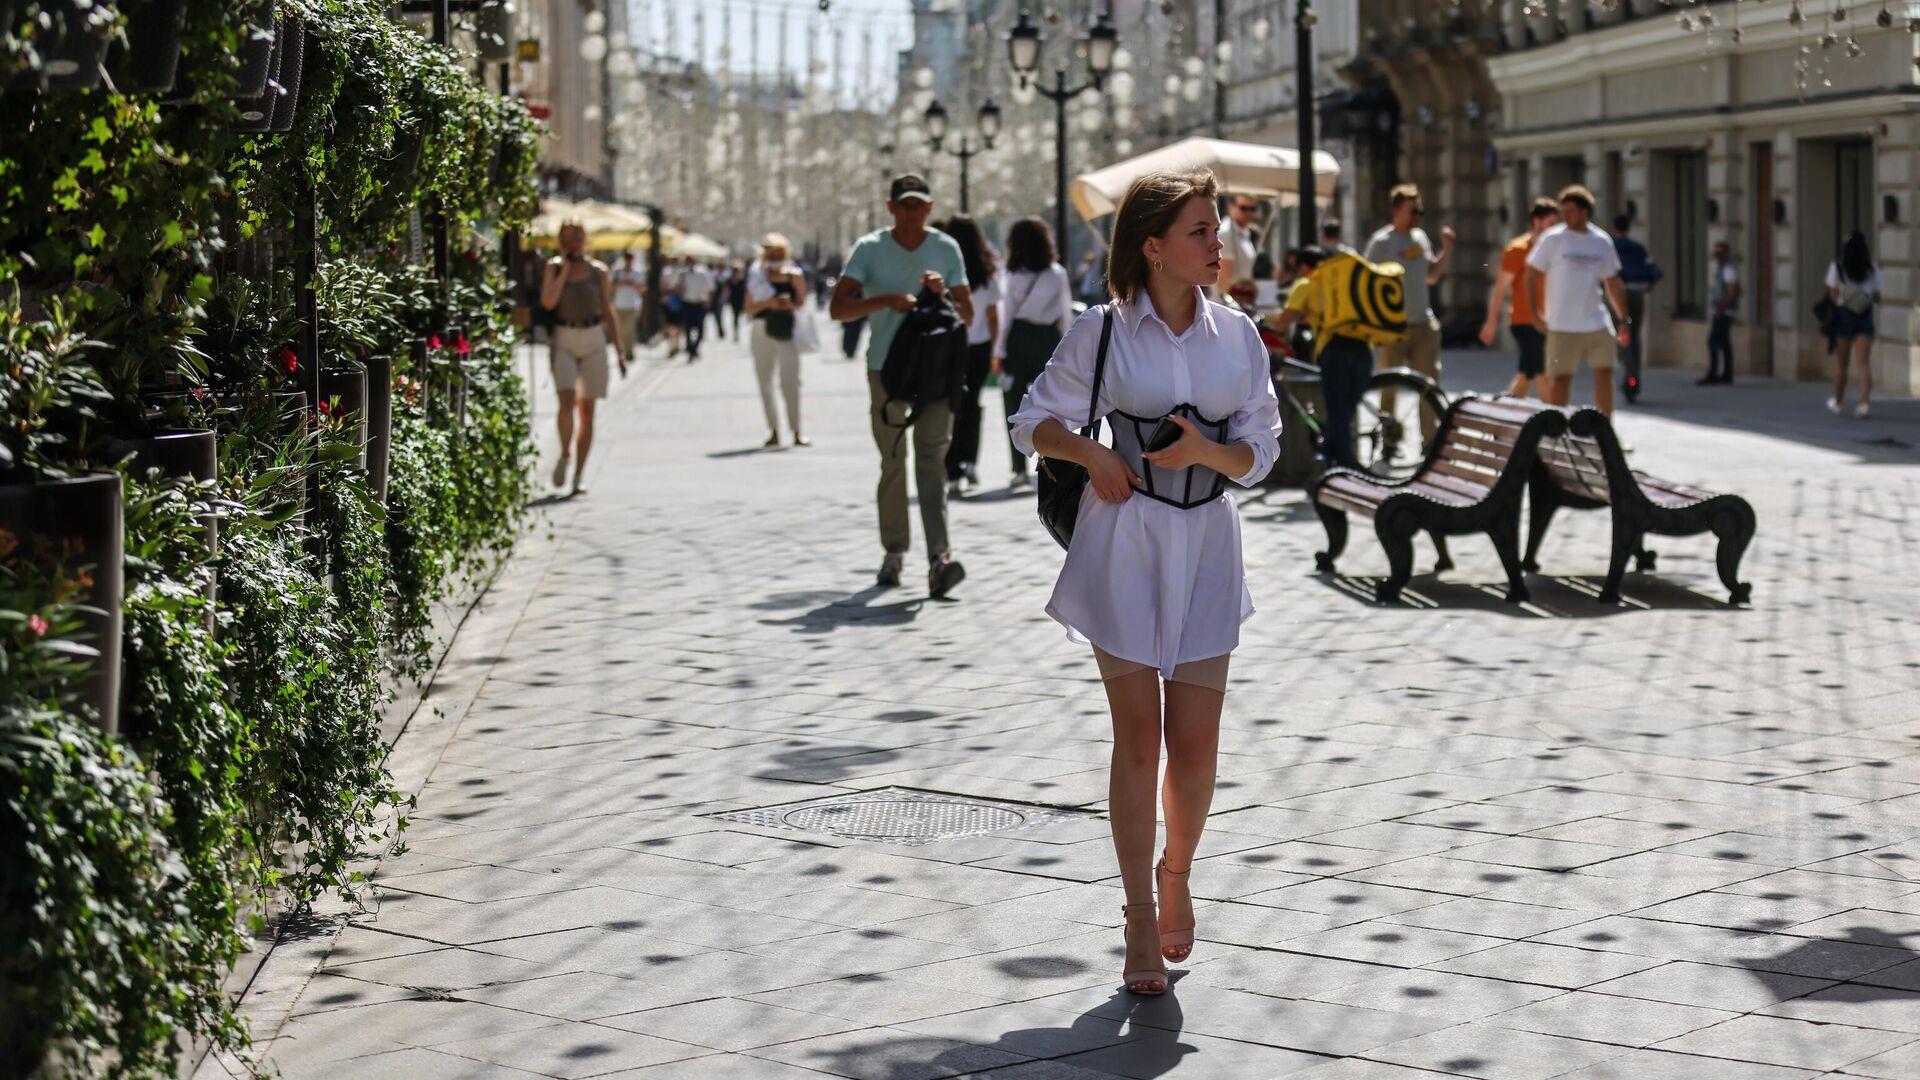 Люди идут по Никольской улице в Москве  - РИА Новости, 1920, 15.06.2021